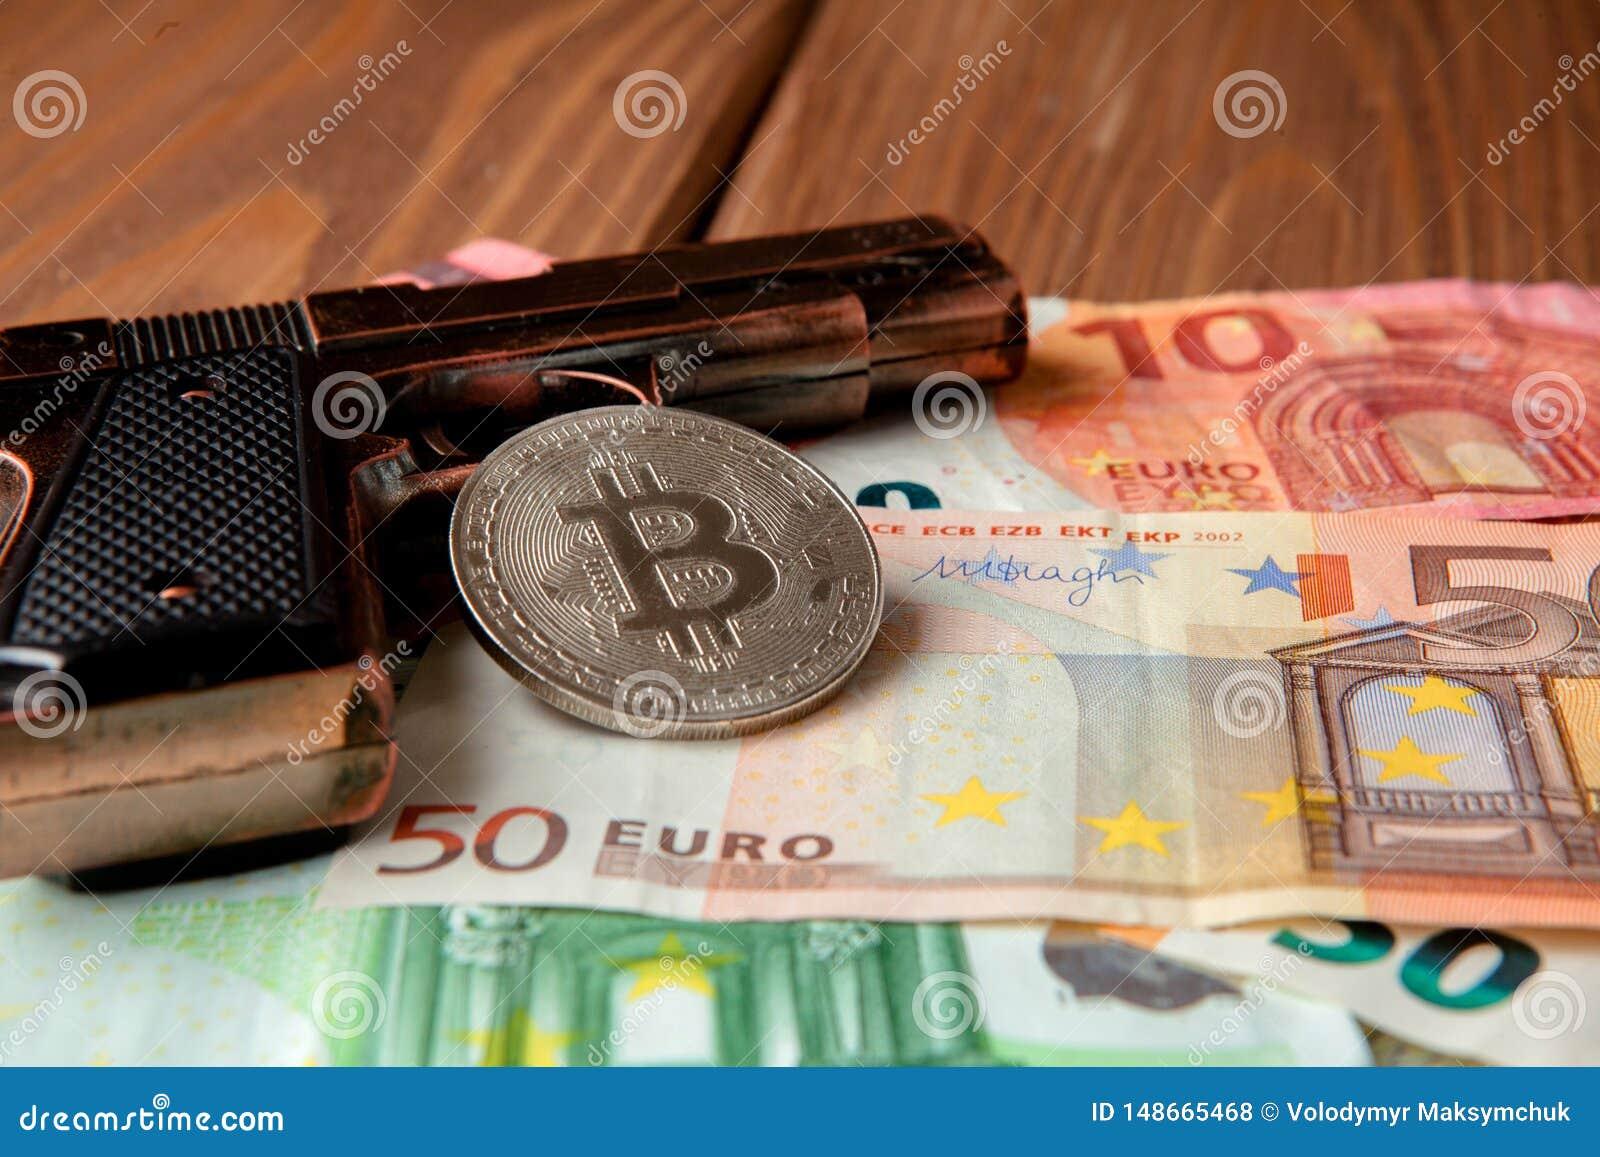 Zwart pistool, euro en muntstuk in de vorm van bitcoin op houten achtergrond